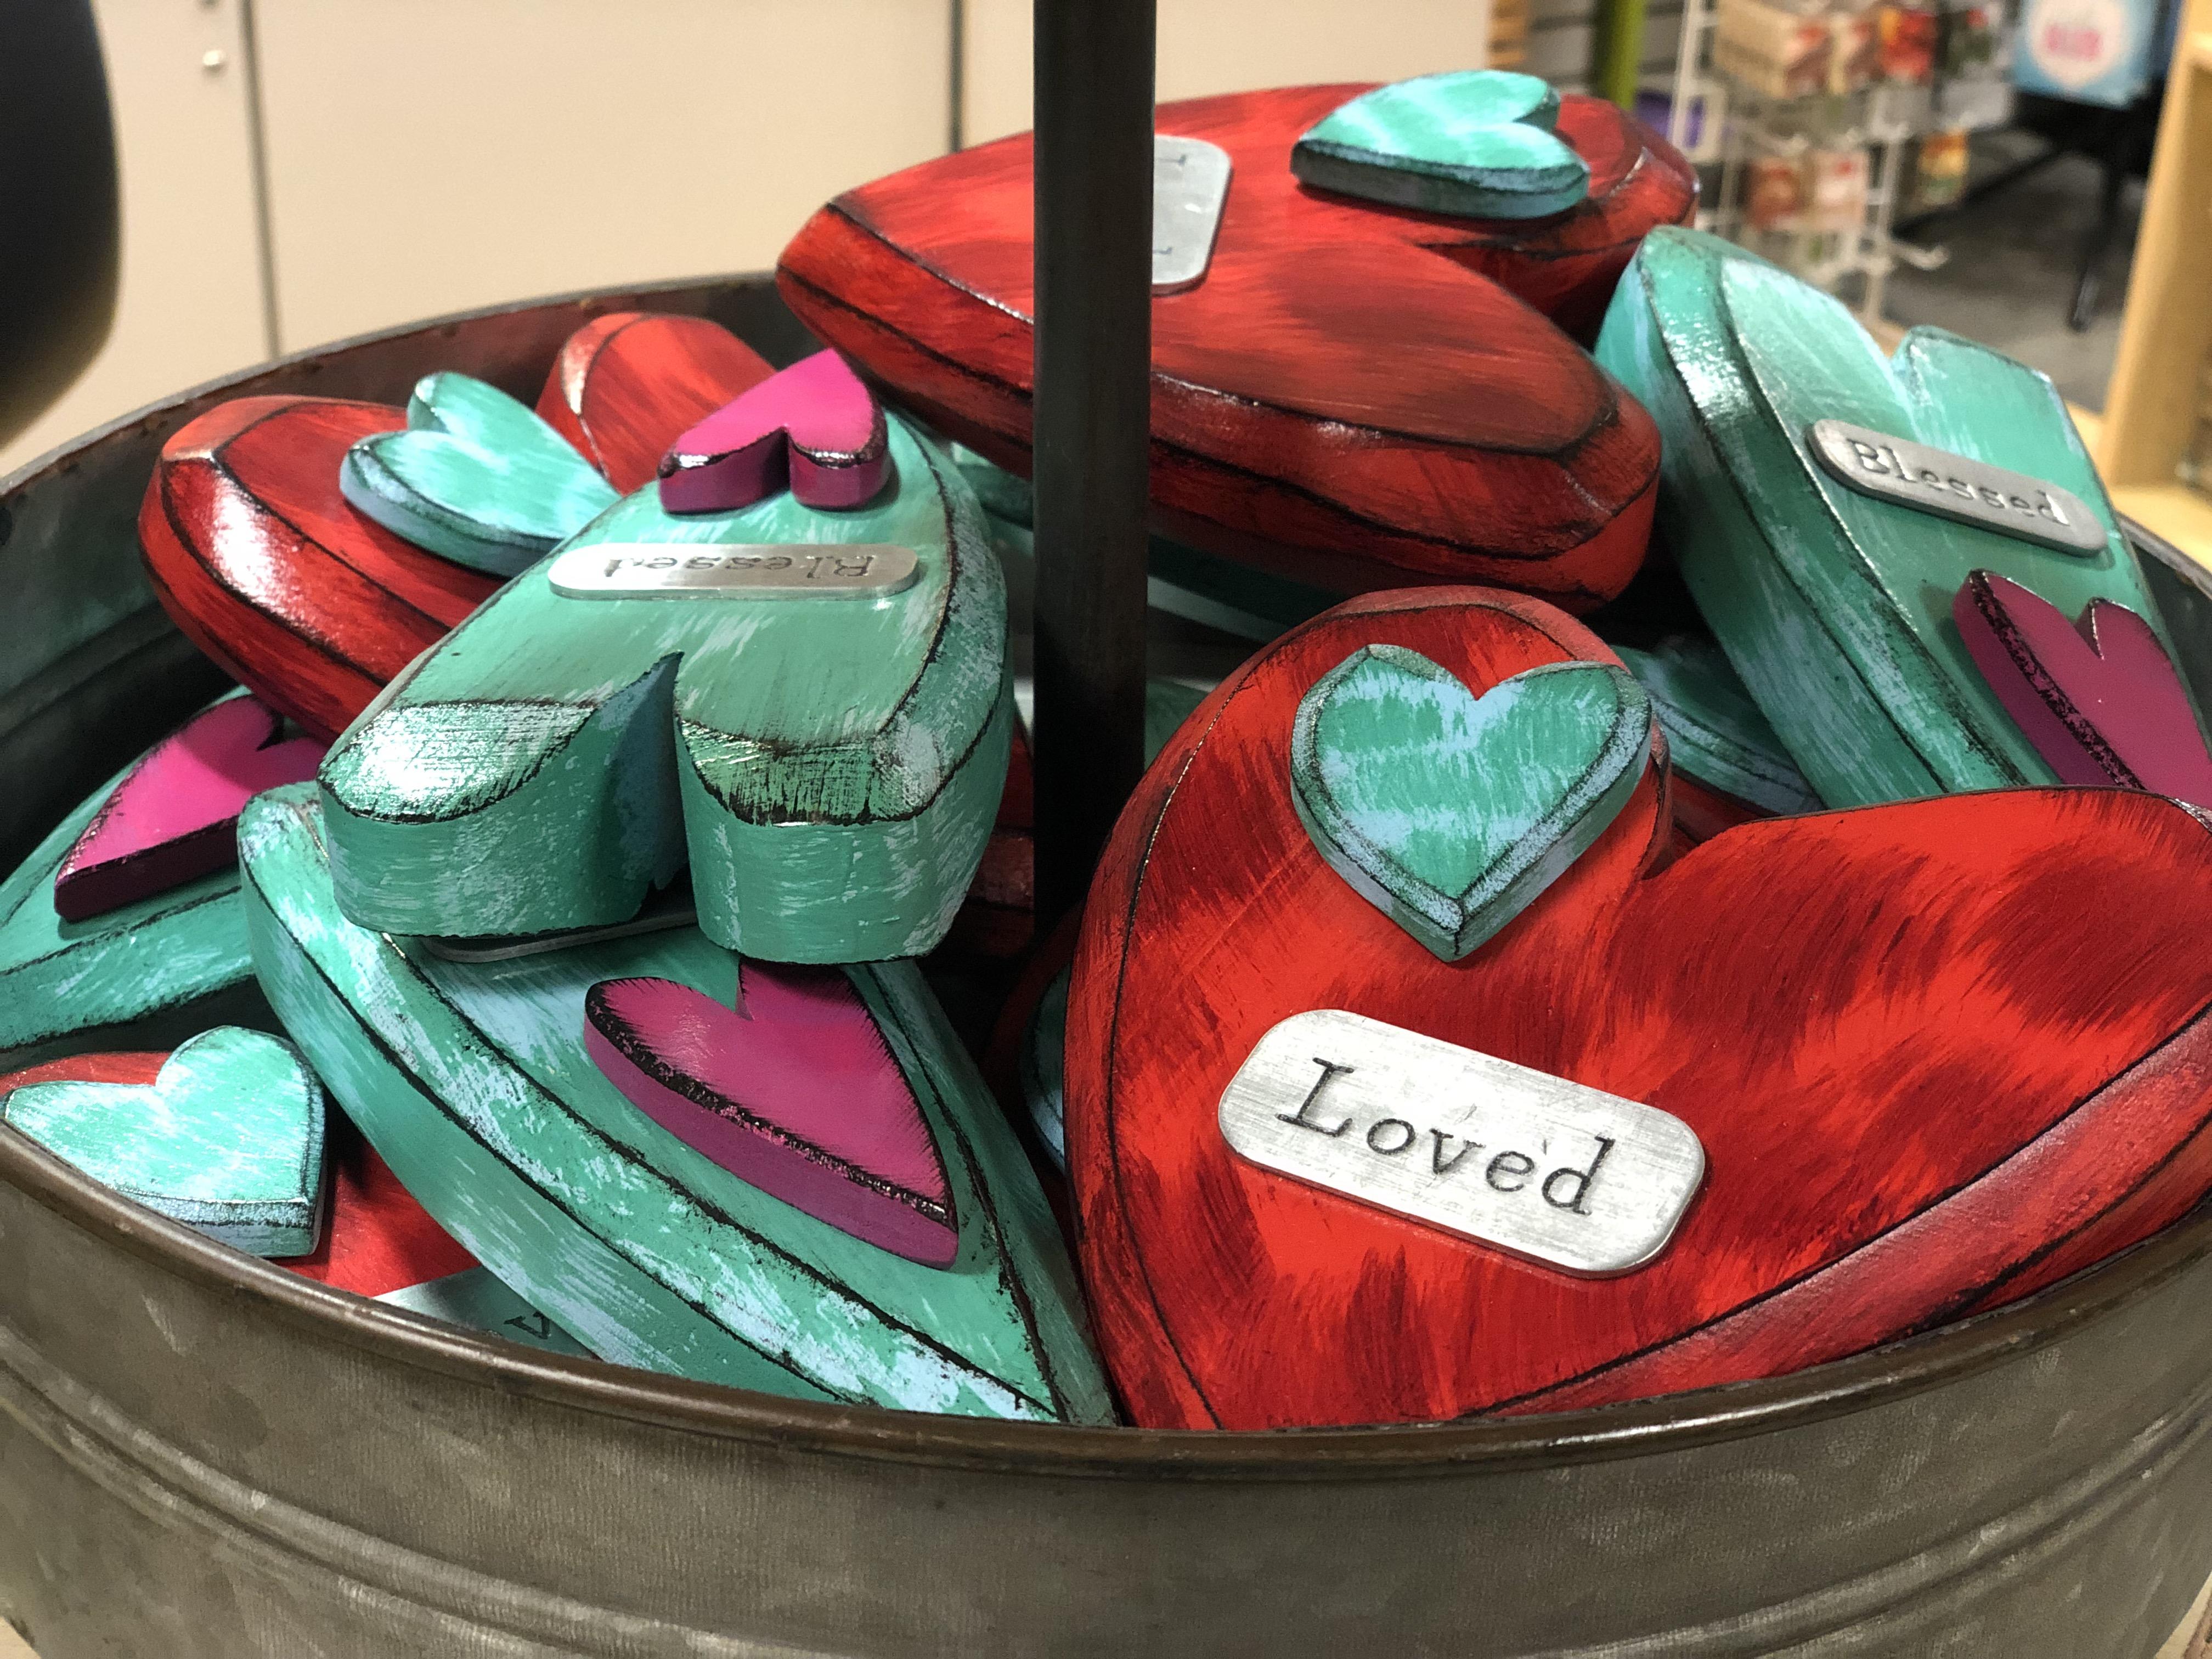 Hospital Gift Shop basket of valentines